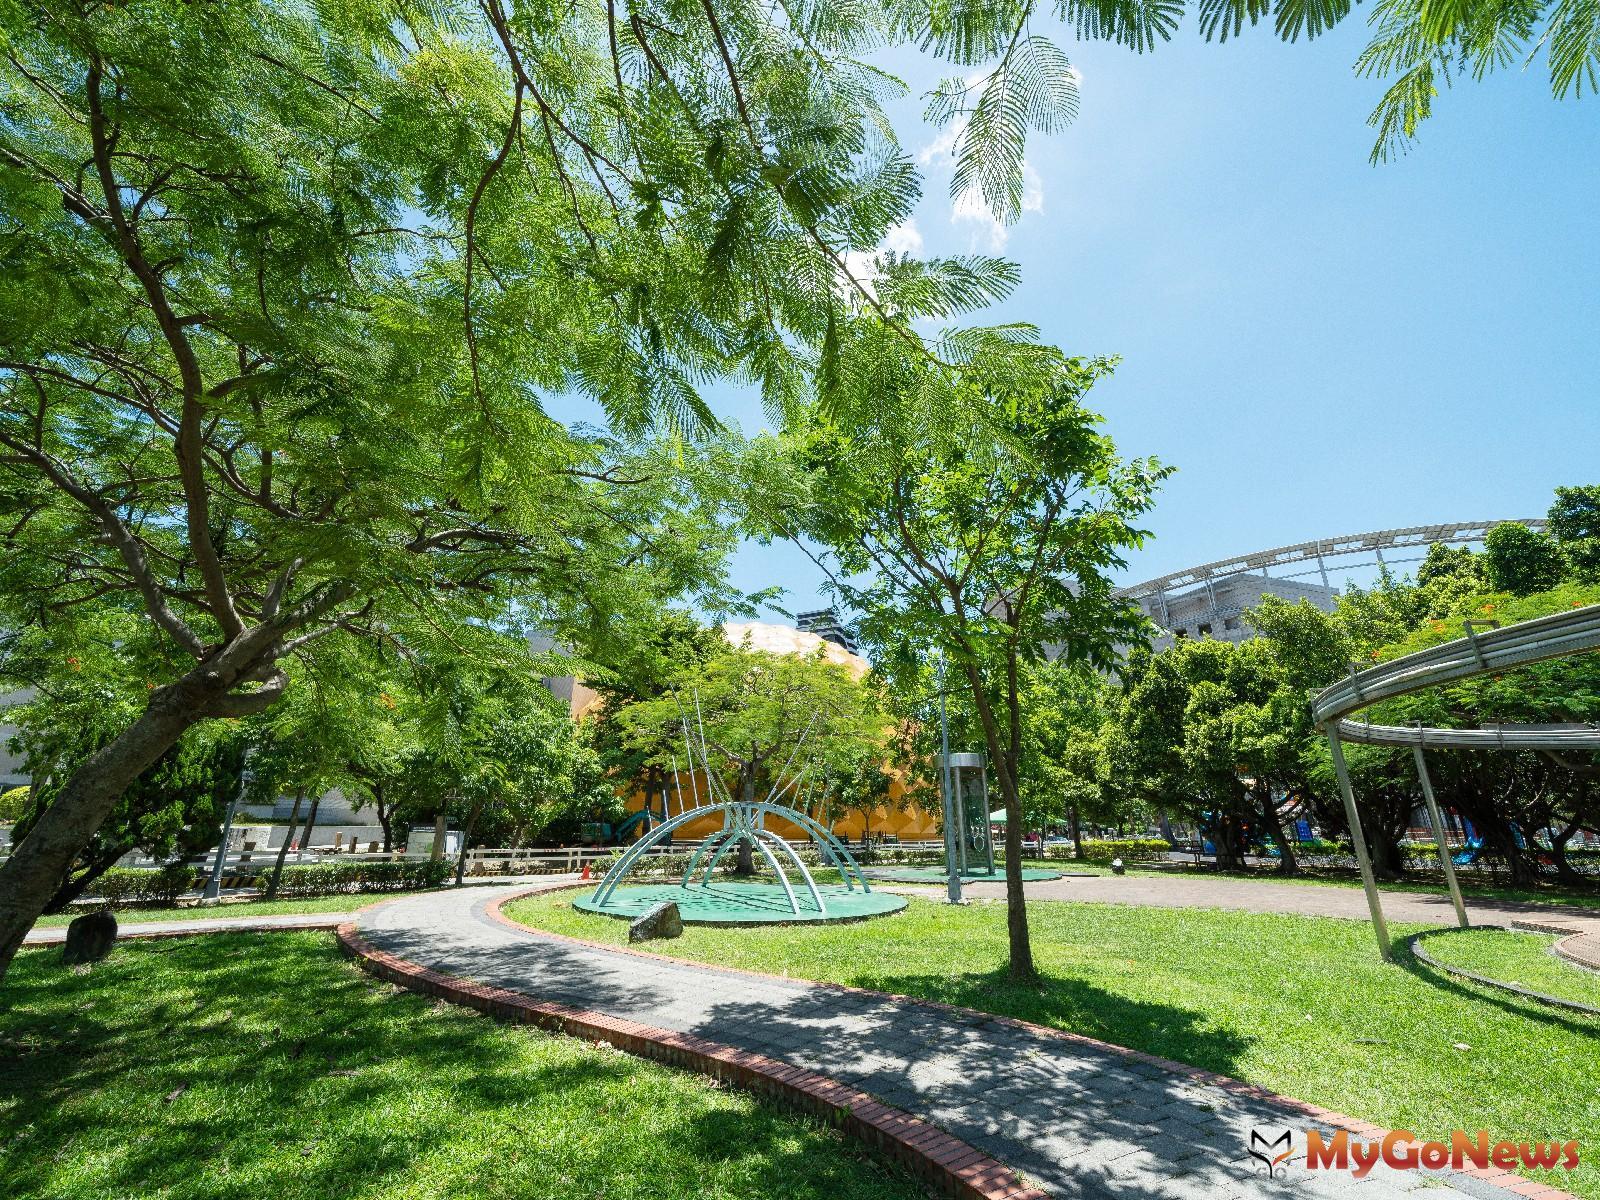 「陽明松疆」 周邊校園綠地與大型場館環繞,圖為美崙公園(圖/業者提供) MyGoNews房地產新聞 熱銷推案